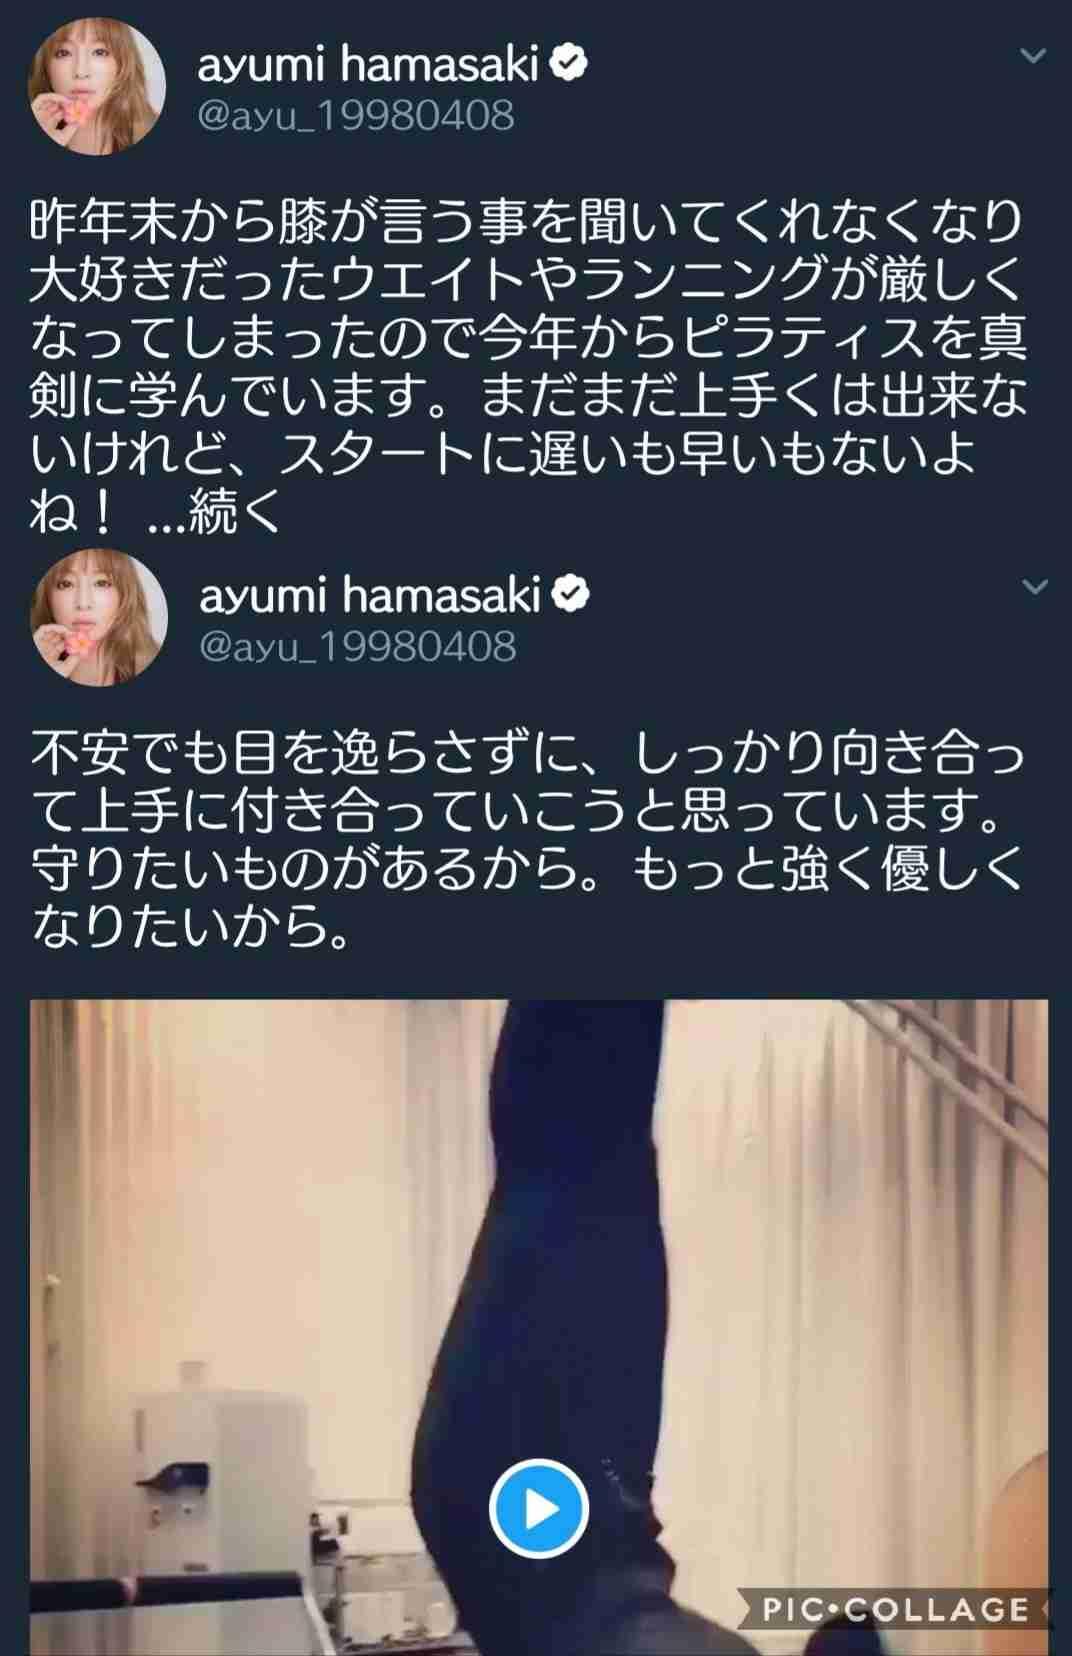 浜崎あゆみ『24時間テレビ』マラソンランナー起用の仰天プラン